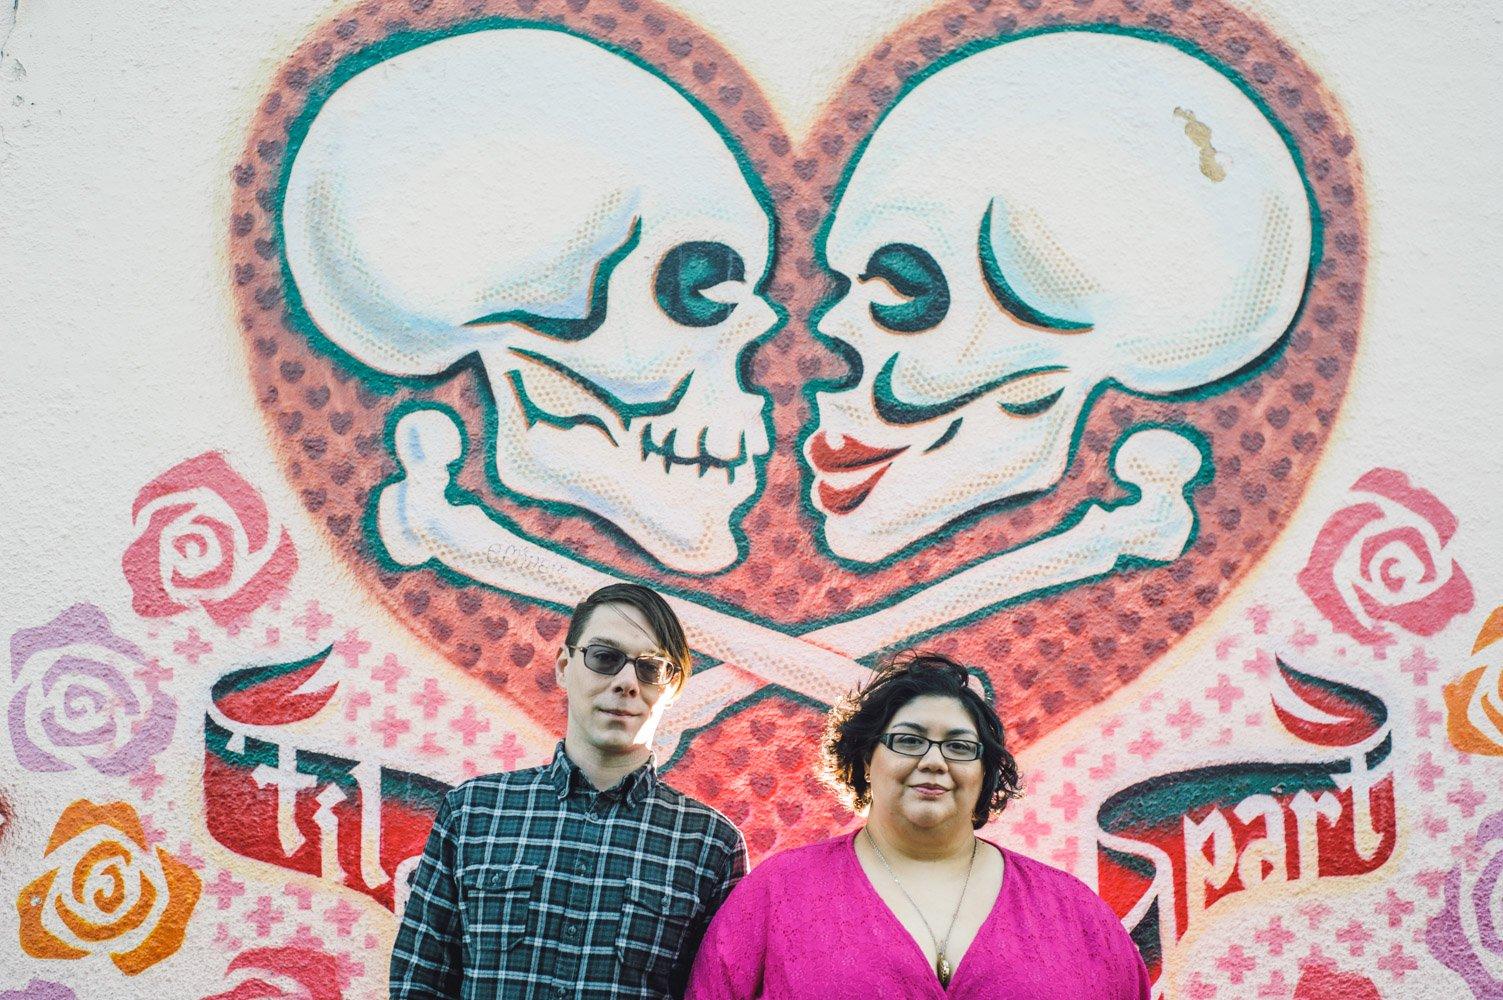 Dia de los muertos downtown austin engagement session for Dia de los muertos mural